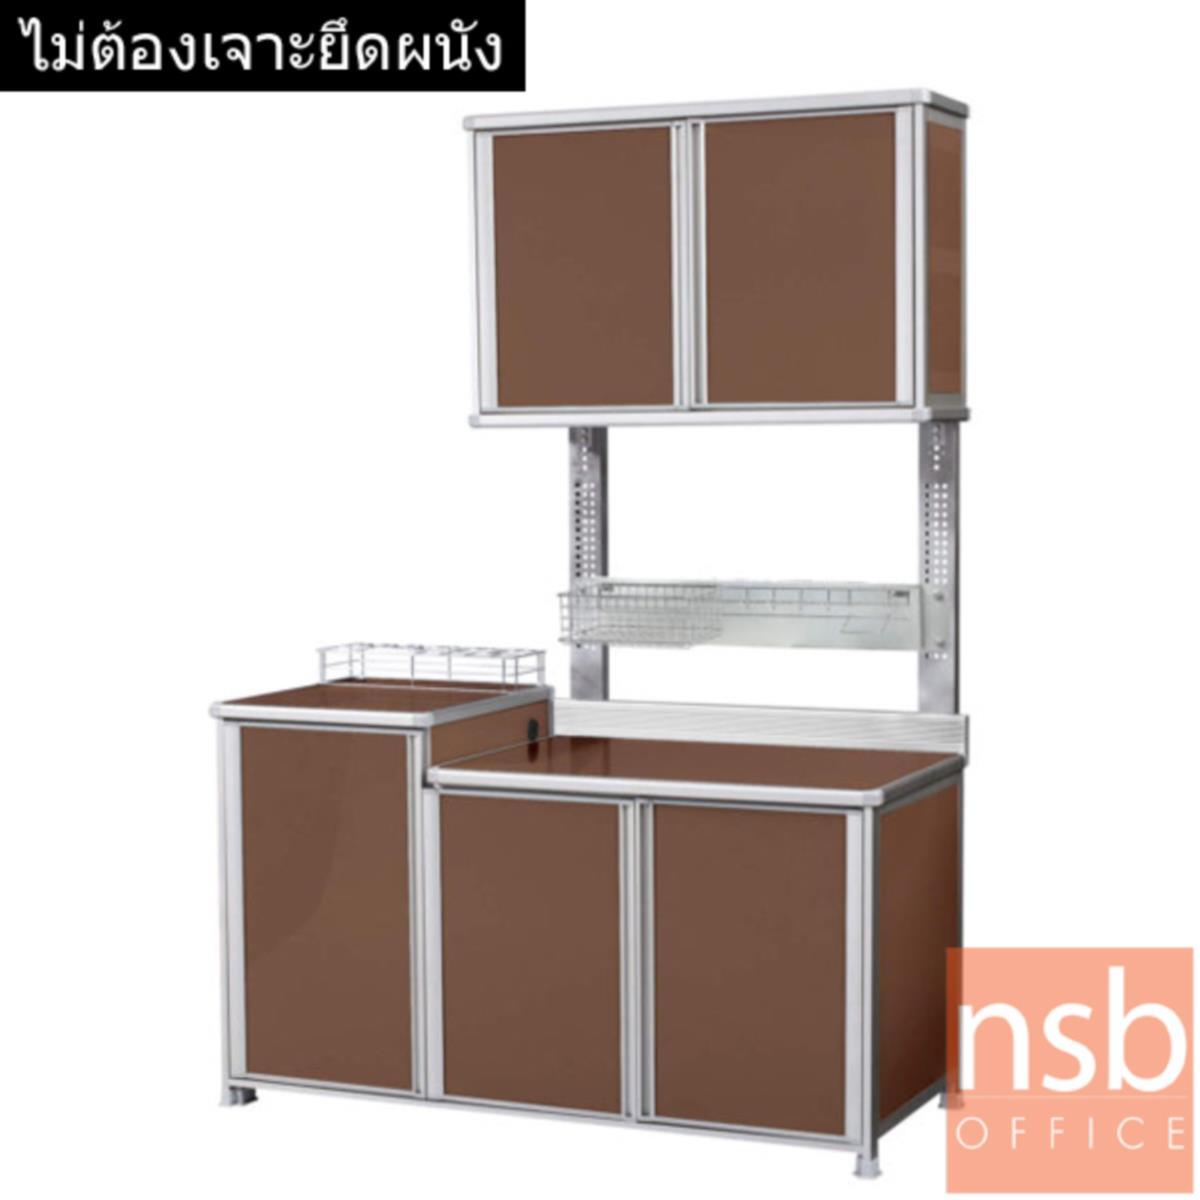 K09A023:ตู้ครัววางเตาแก๊สอลูมิเนียม พร้อมเสารับตู้แขวนลอย   กว้าง 150.5 cm. รุ่น DKC-EZ